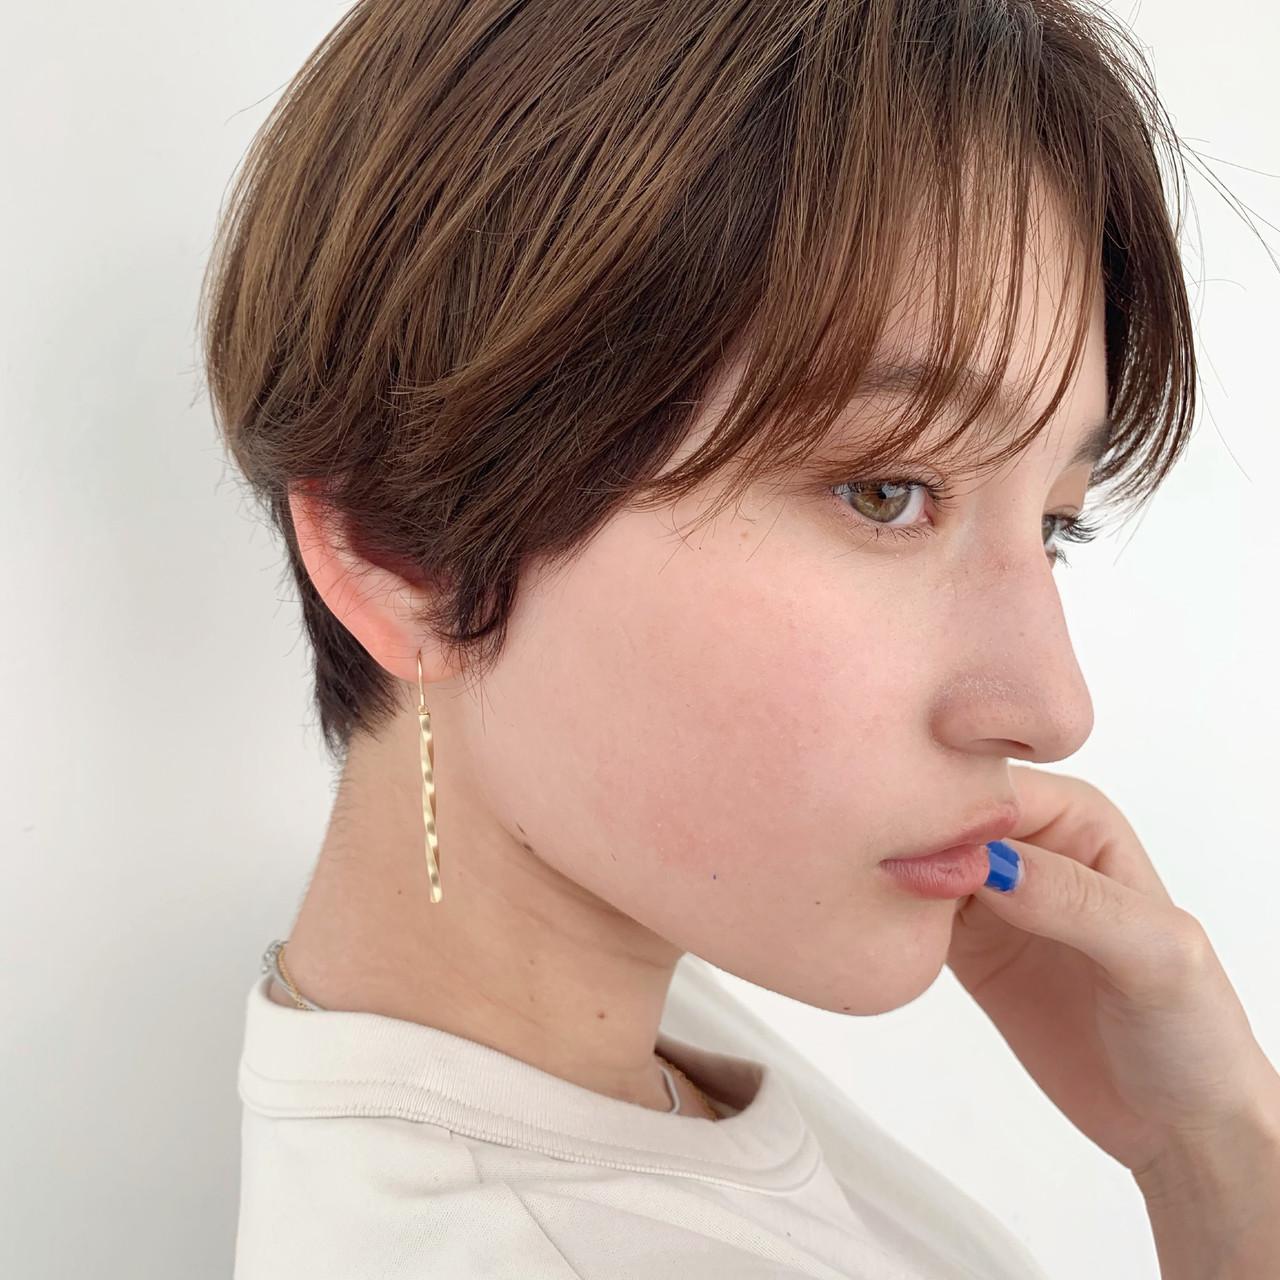 スポーツ オフィス デート モード ヘアスタイルや髪型の写真・画像 | lora.garden 英太 /  lora.garden